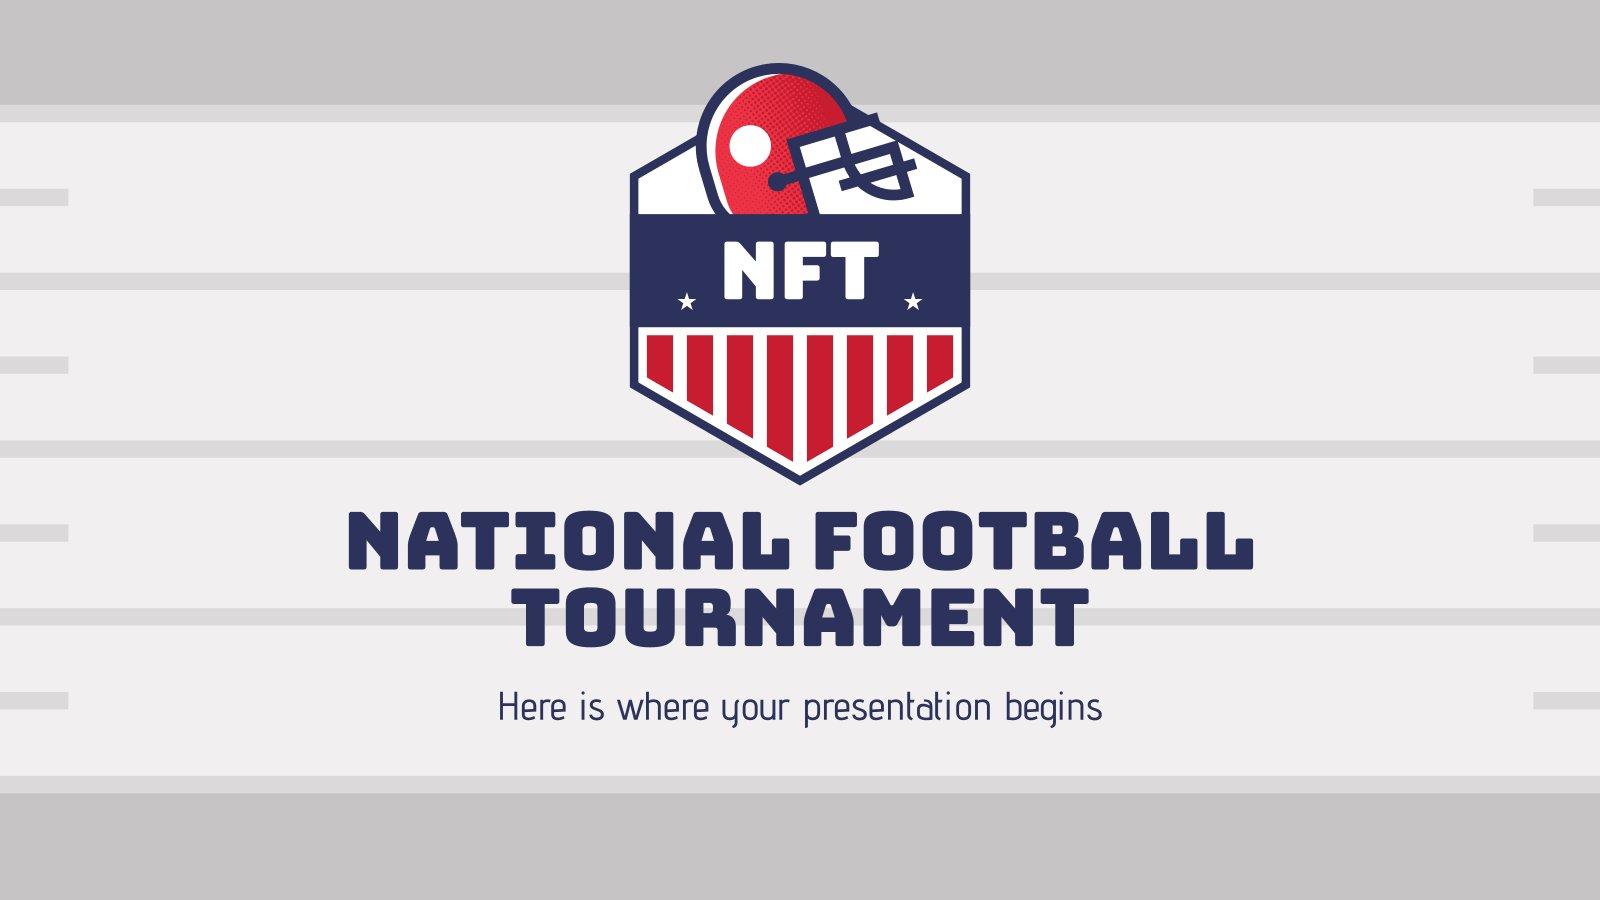 Modelo de apresentação NFT: Torneio Nacional de Futebol